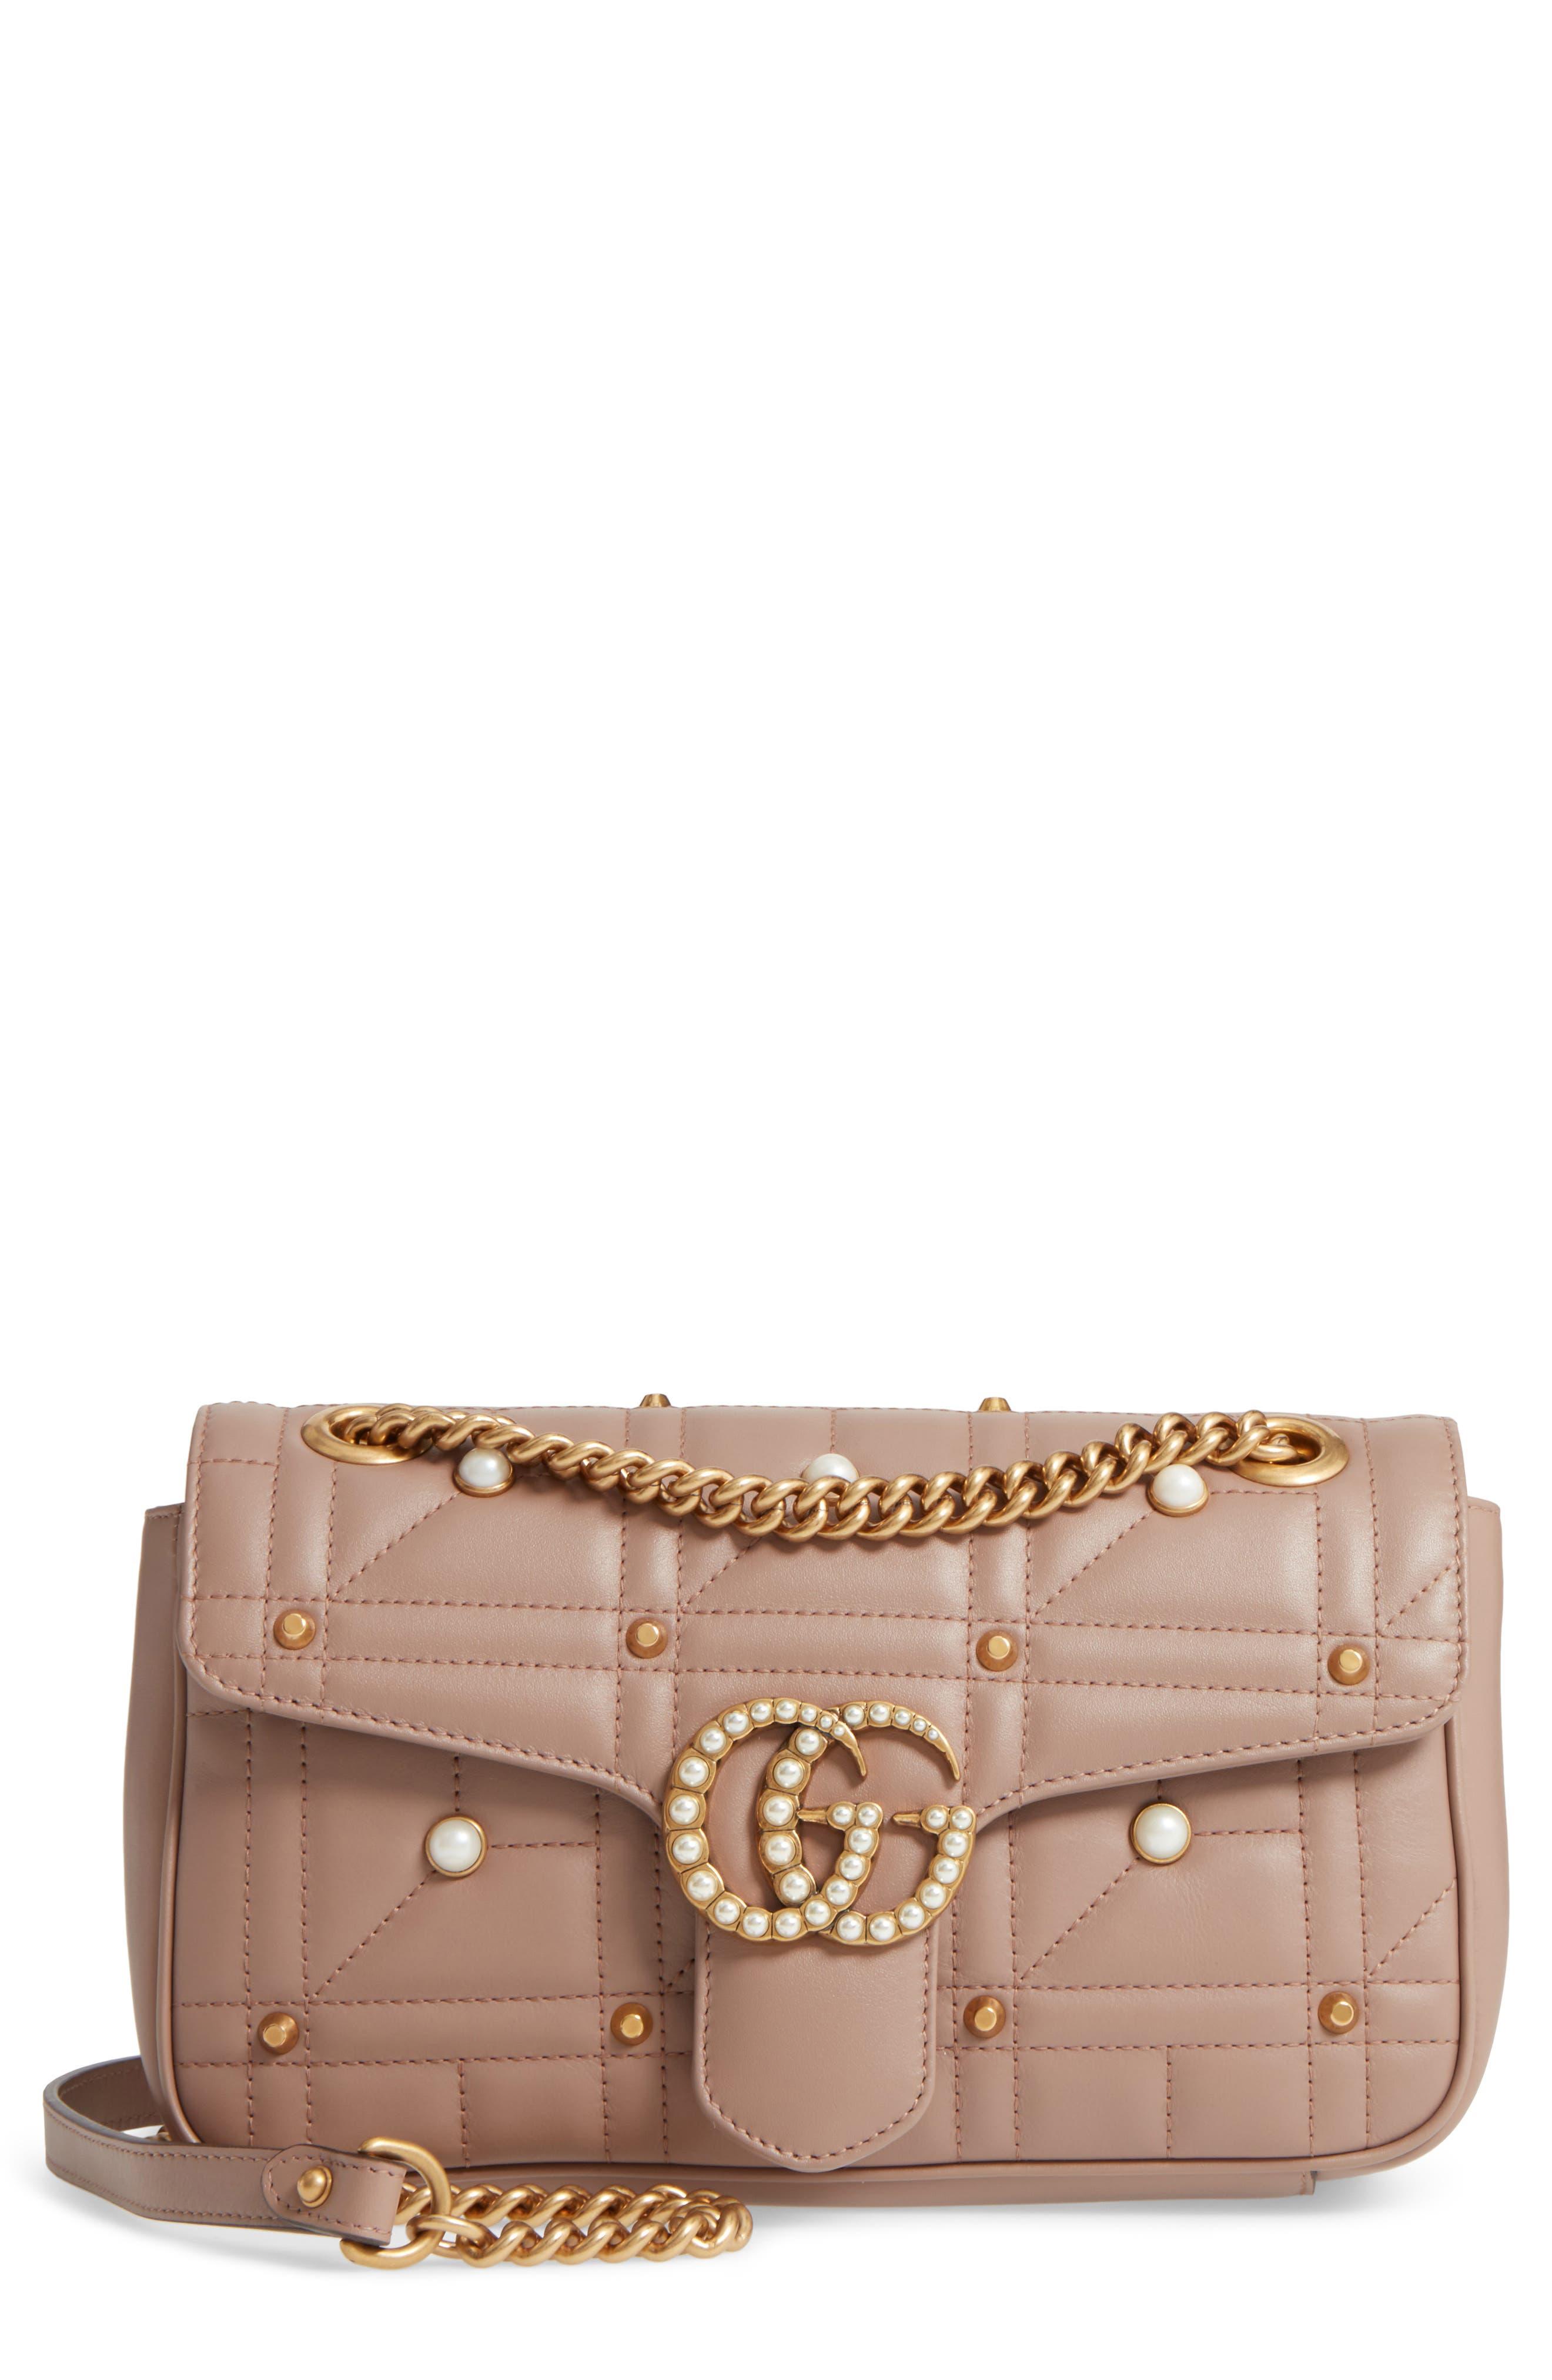 Gucci GG Marmont Matelassé Imitation Pearl Leather Shoulder Bag